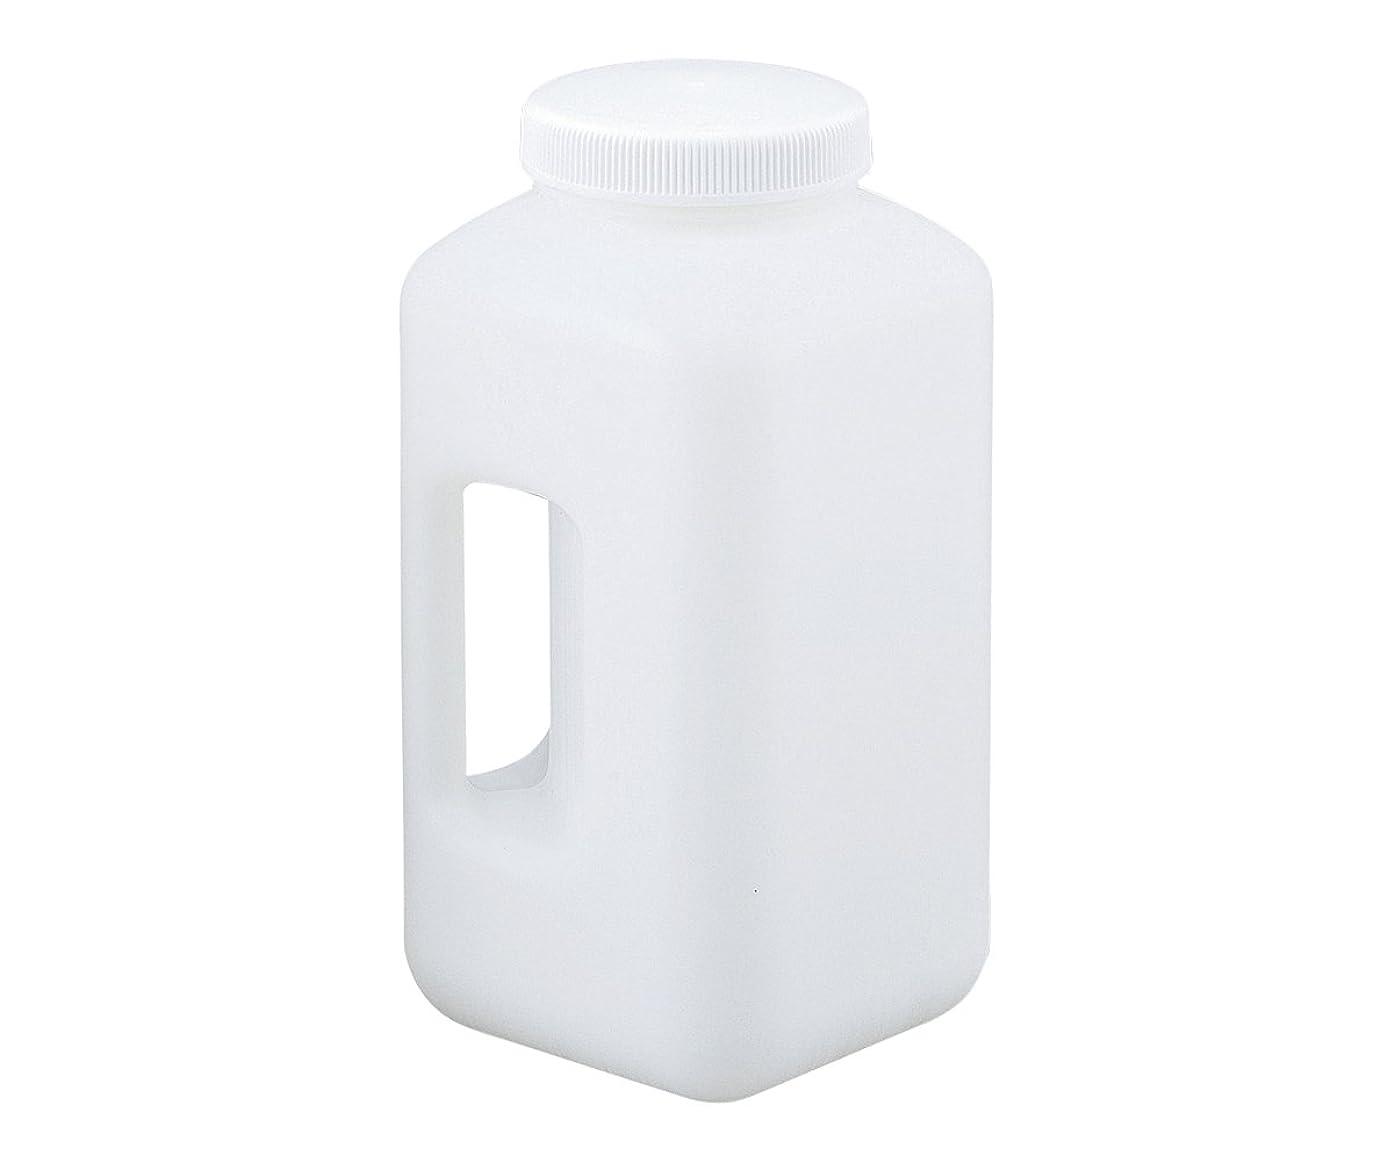 結び目スポークスマンドアアズワン ハンドル付広口瓶583358 /1-1780-02